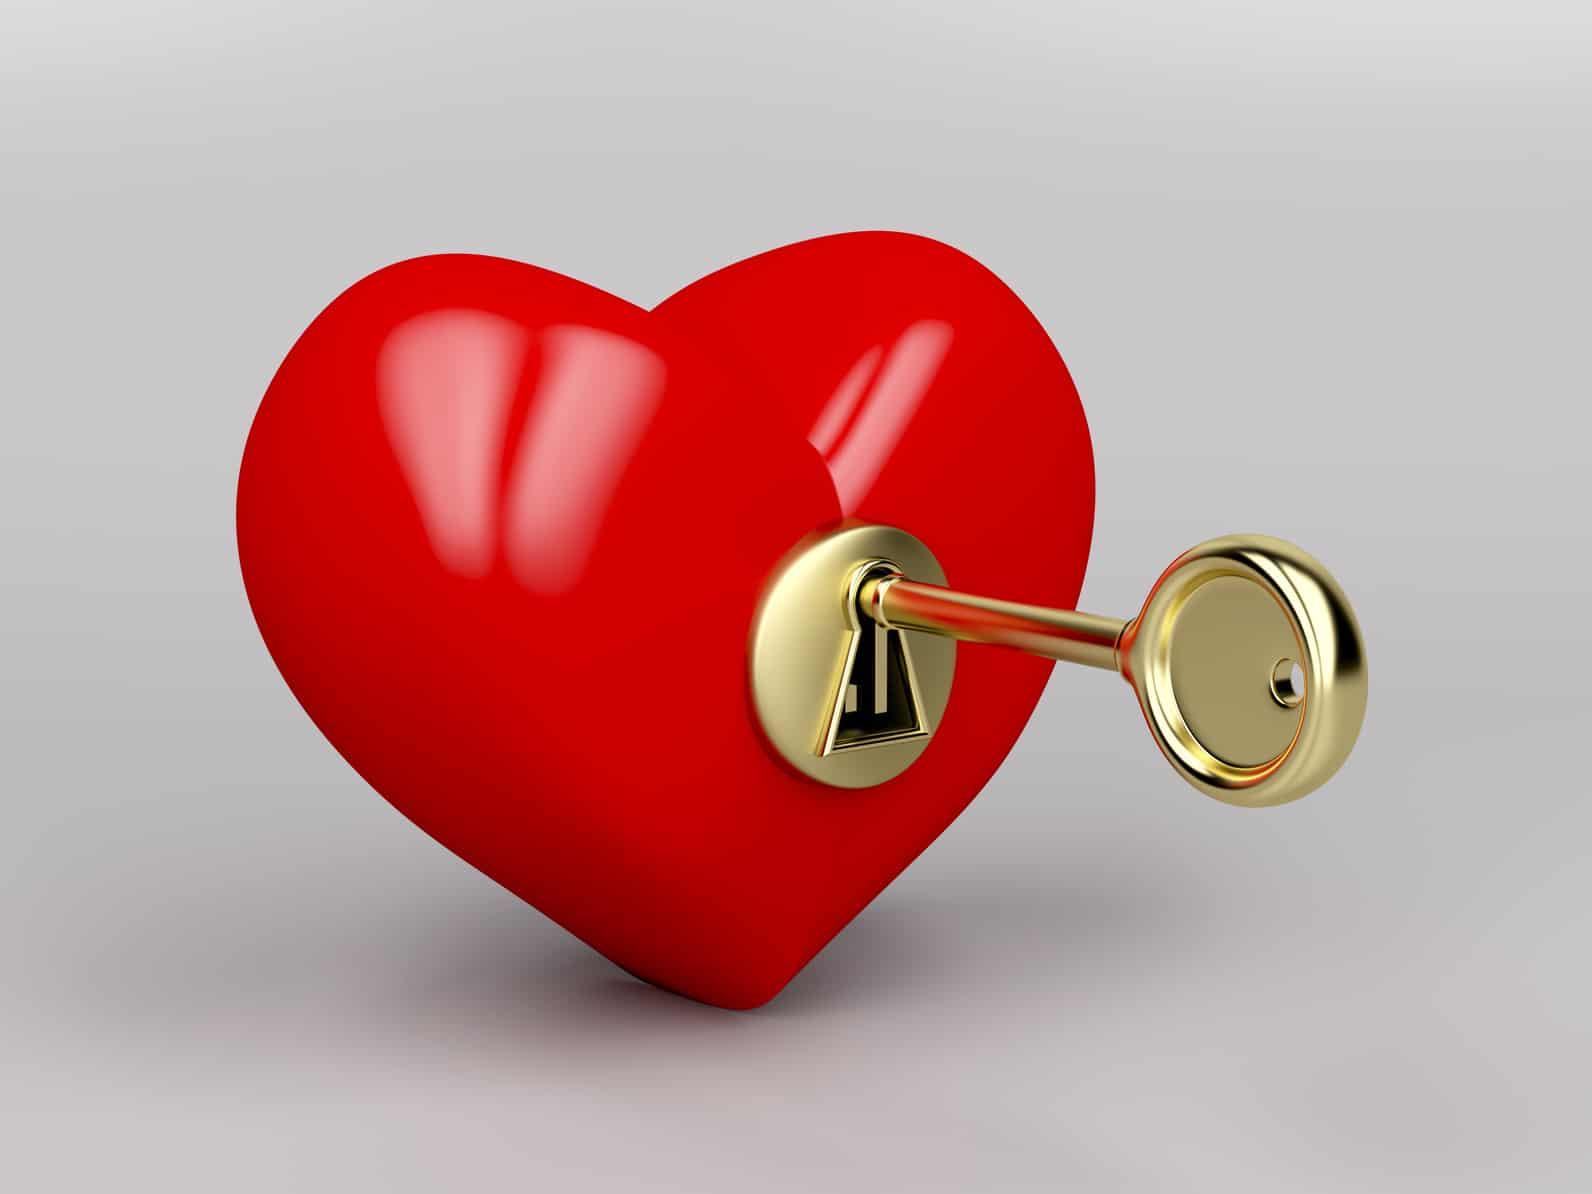 ROCD – התלבטויות בלתי פוסקות בקשר לזוגיות והטיפול בהן